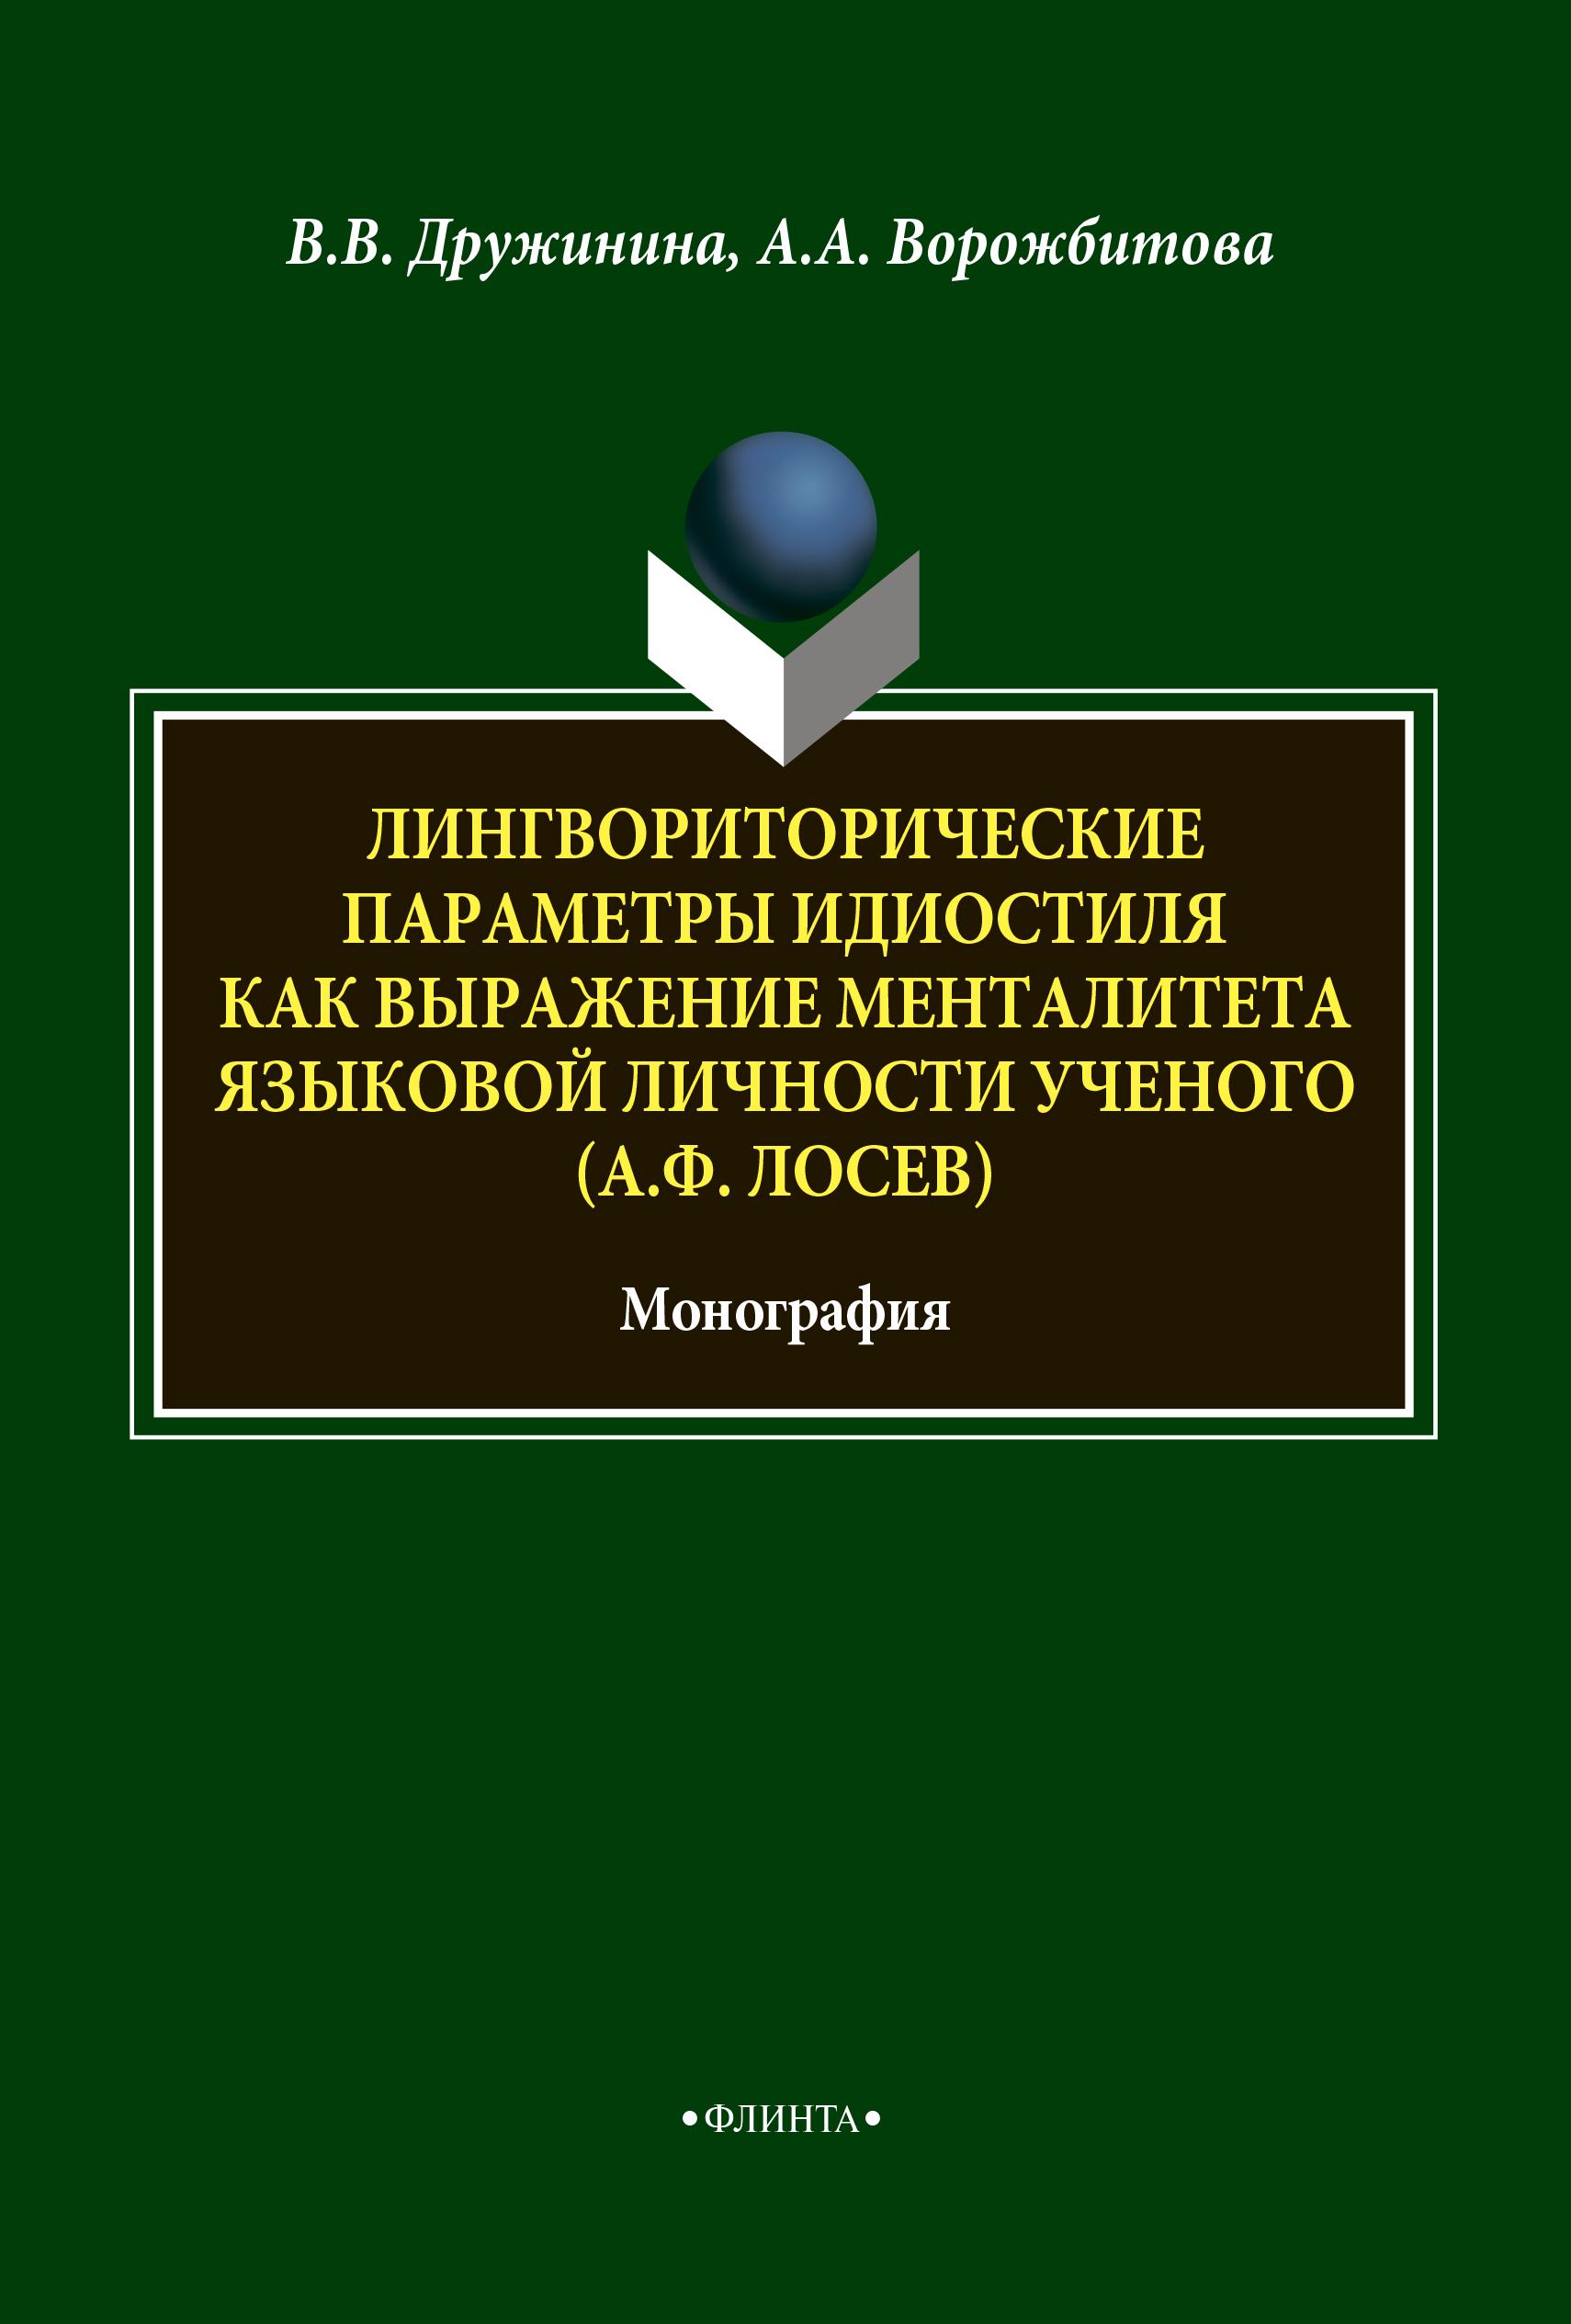 А. А. Ворожбитова Лингвориторические параметры идиостиля как выражение менталитета языковой личности ученого (А. Ф. Лосев) цена 2017